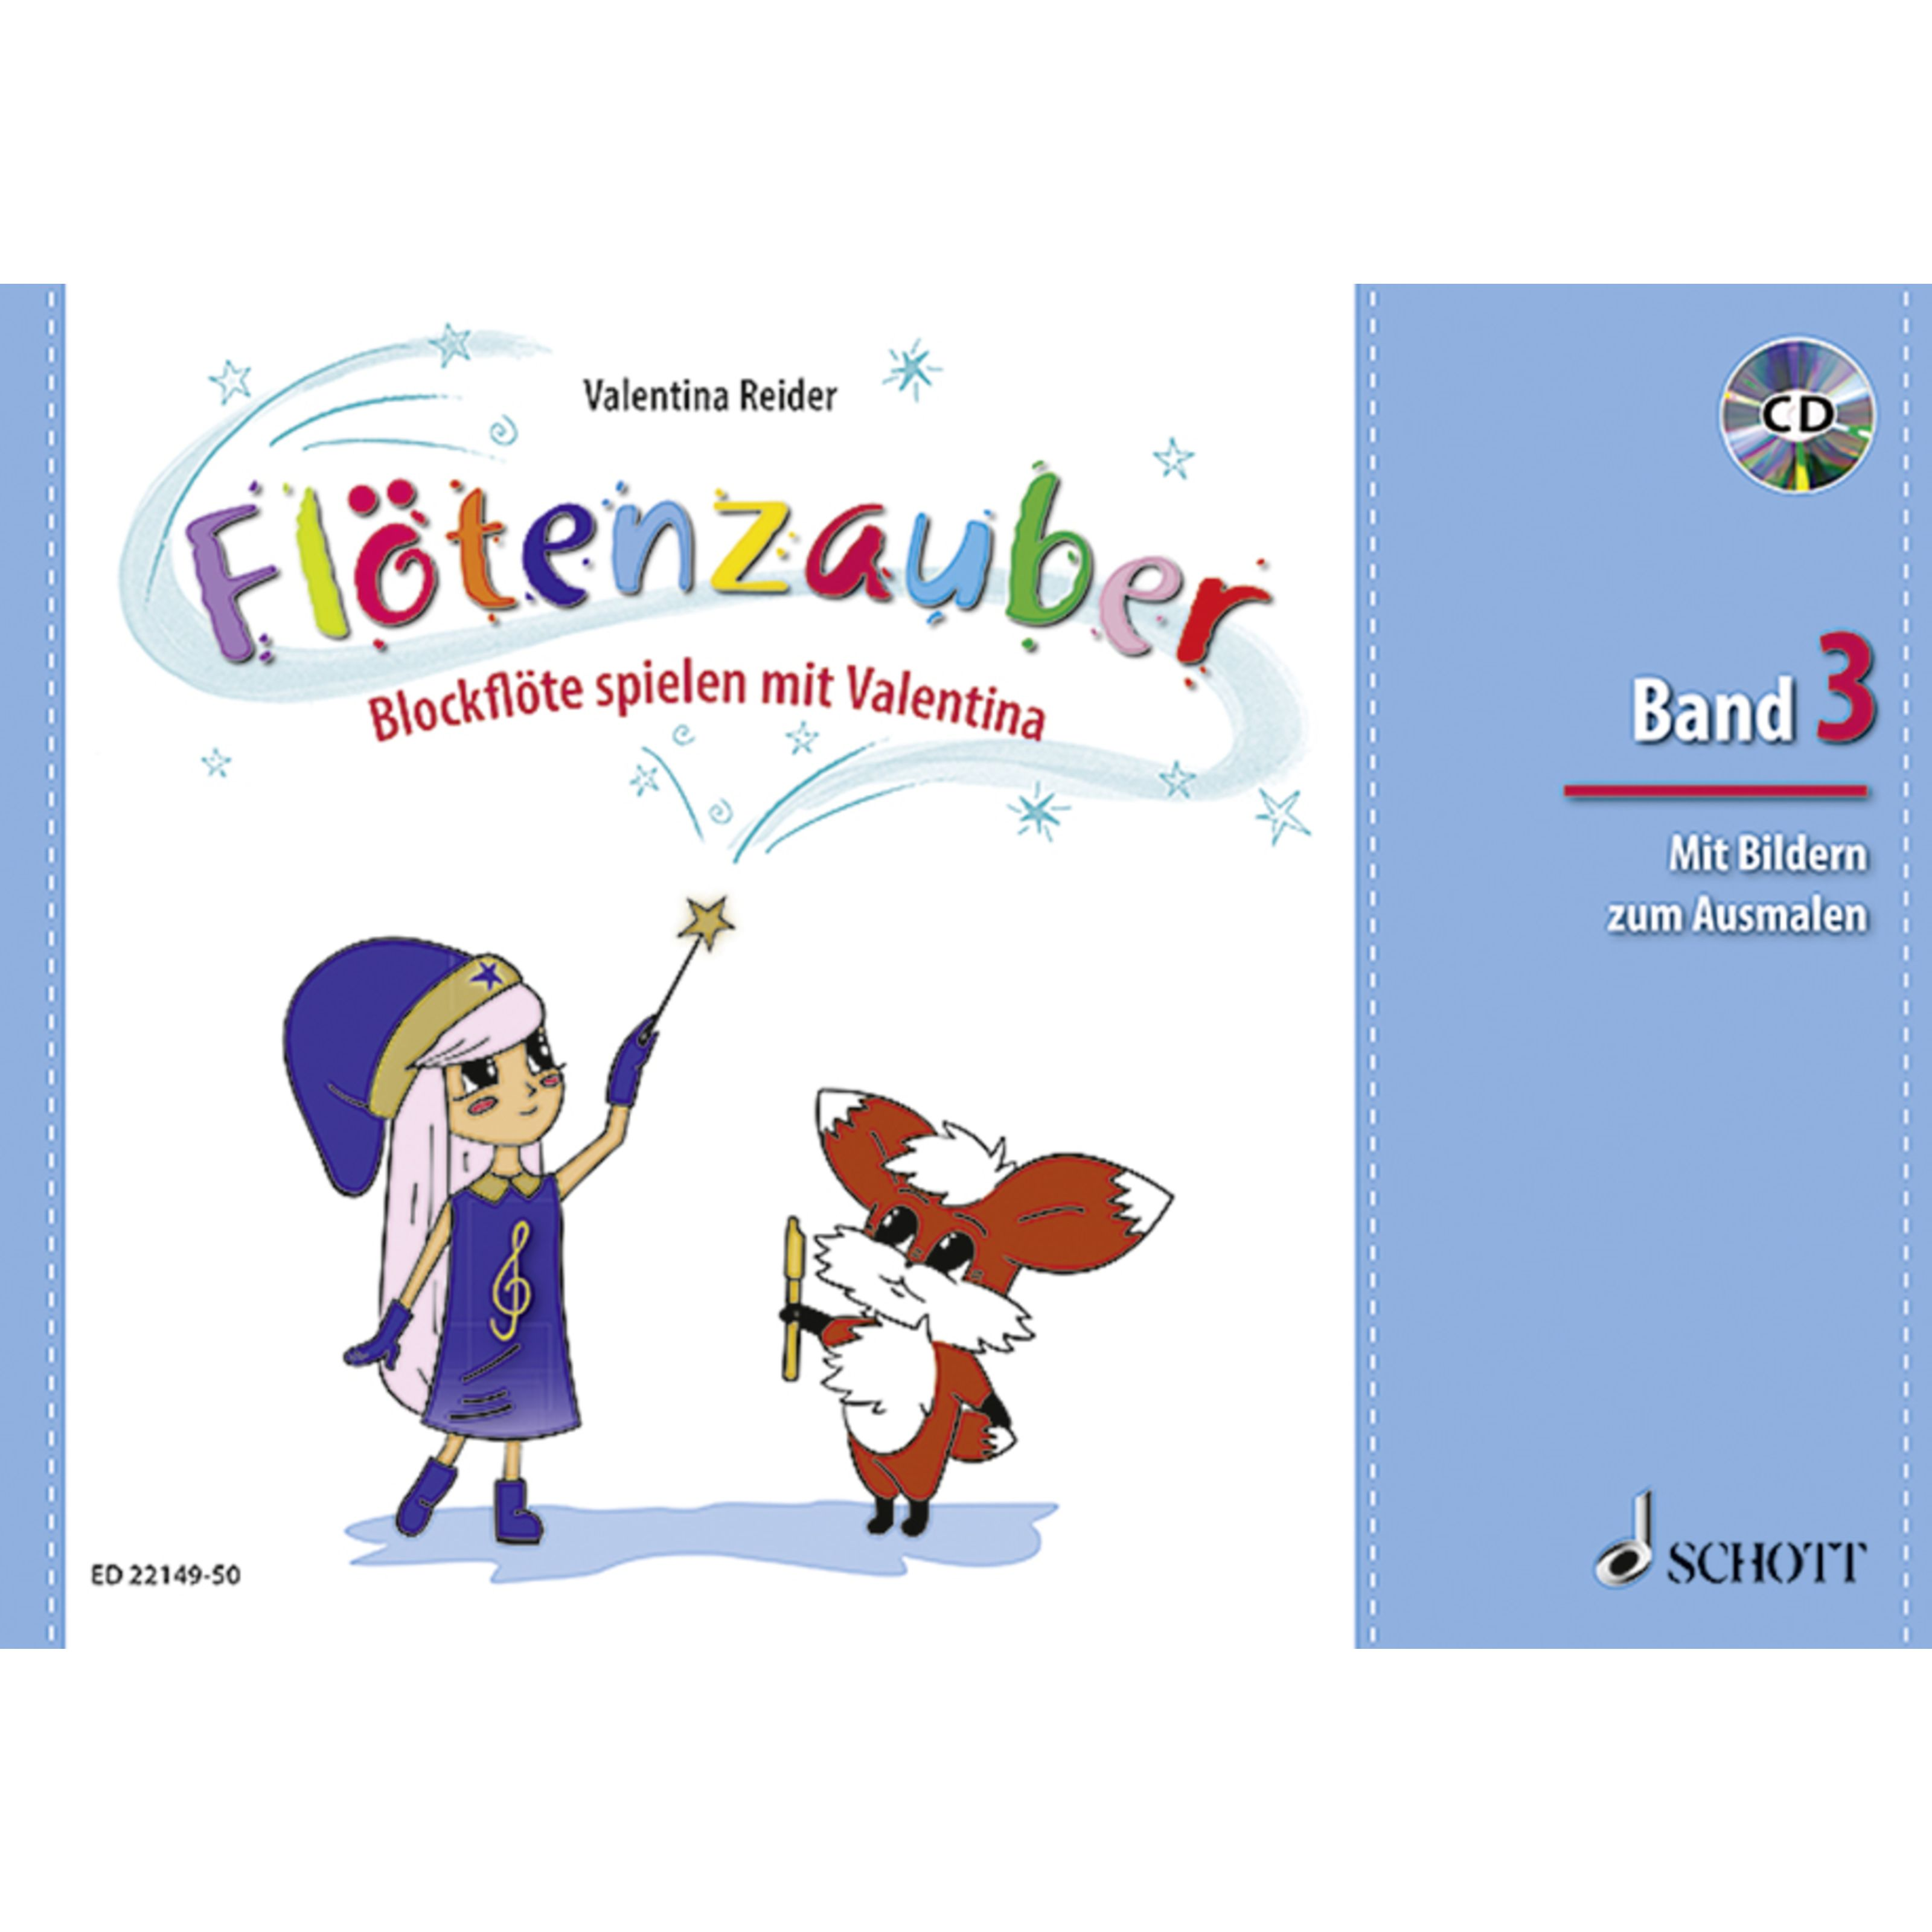 Schott Music - Flötenzauber 3 mit CD ED 22149-50